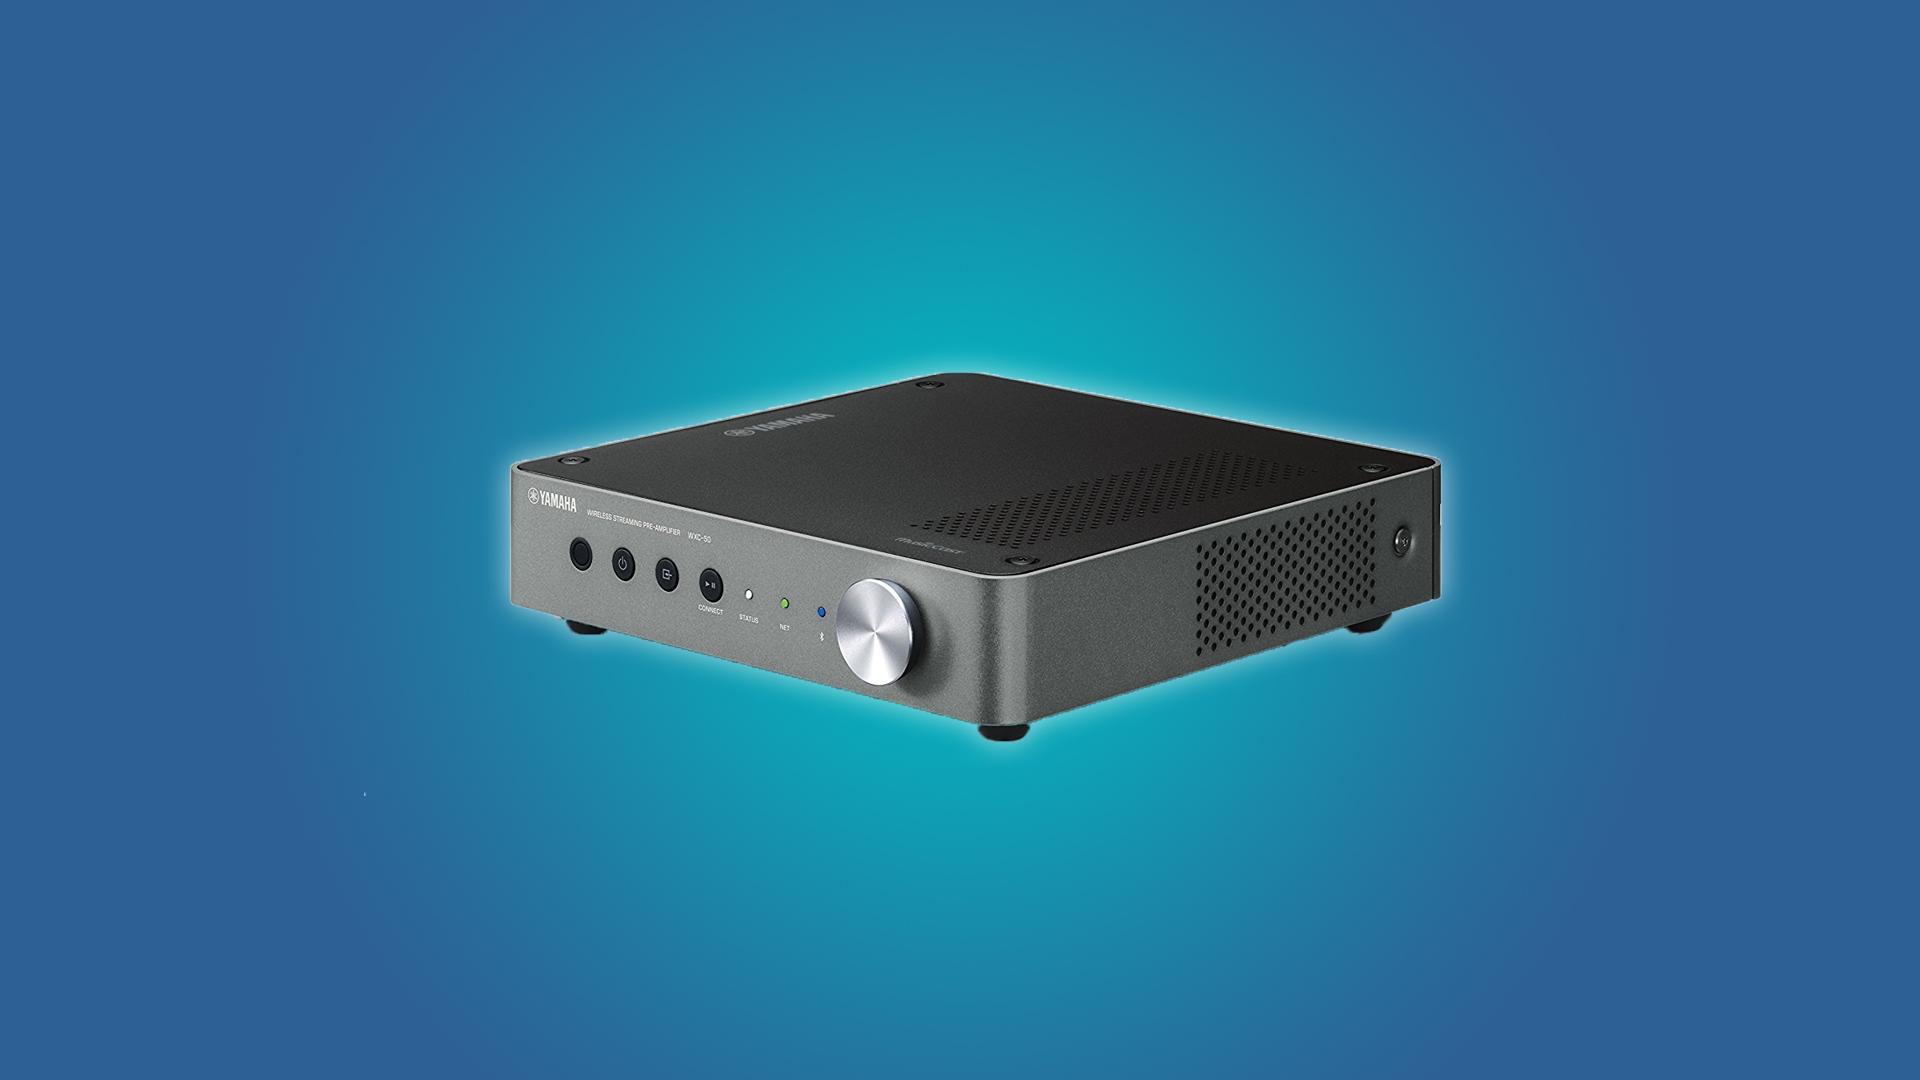 Fügen Sie Ihren alten Lautsprechern mit diesen Geräten Streaming-Audio hinzu